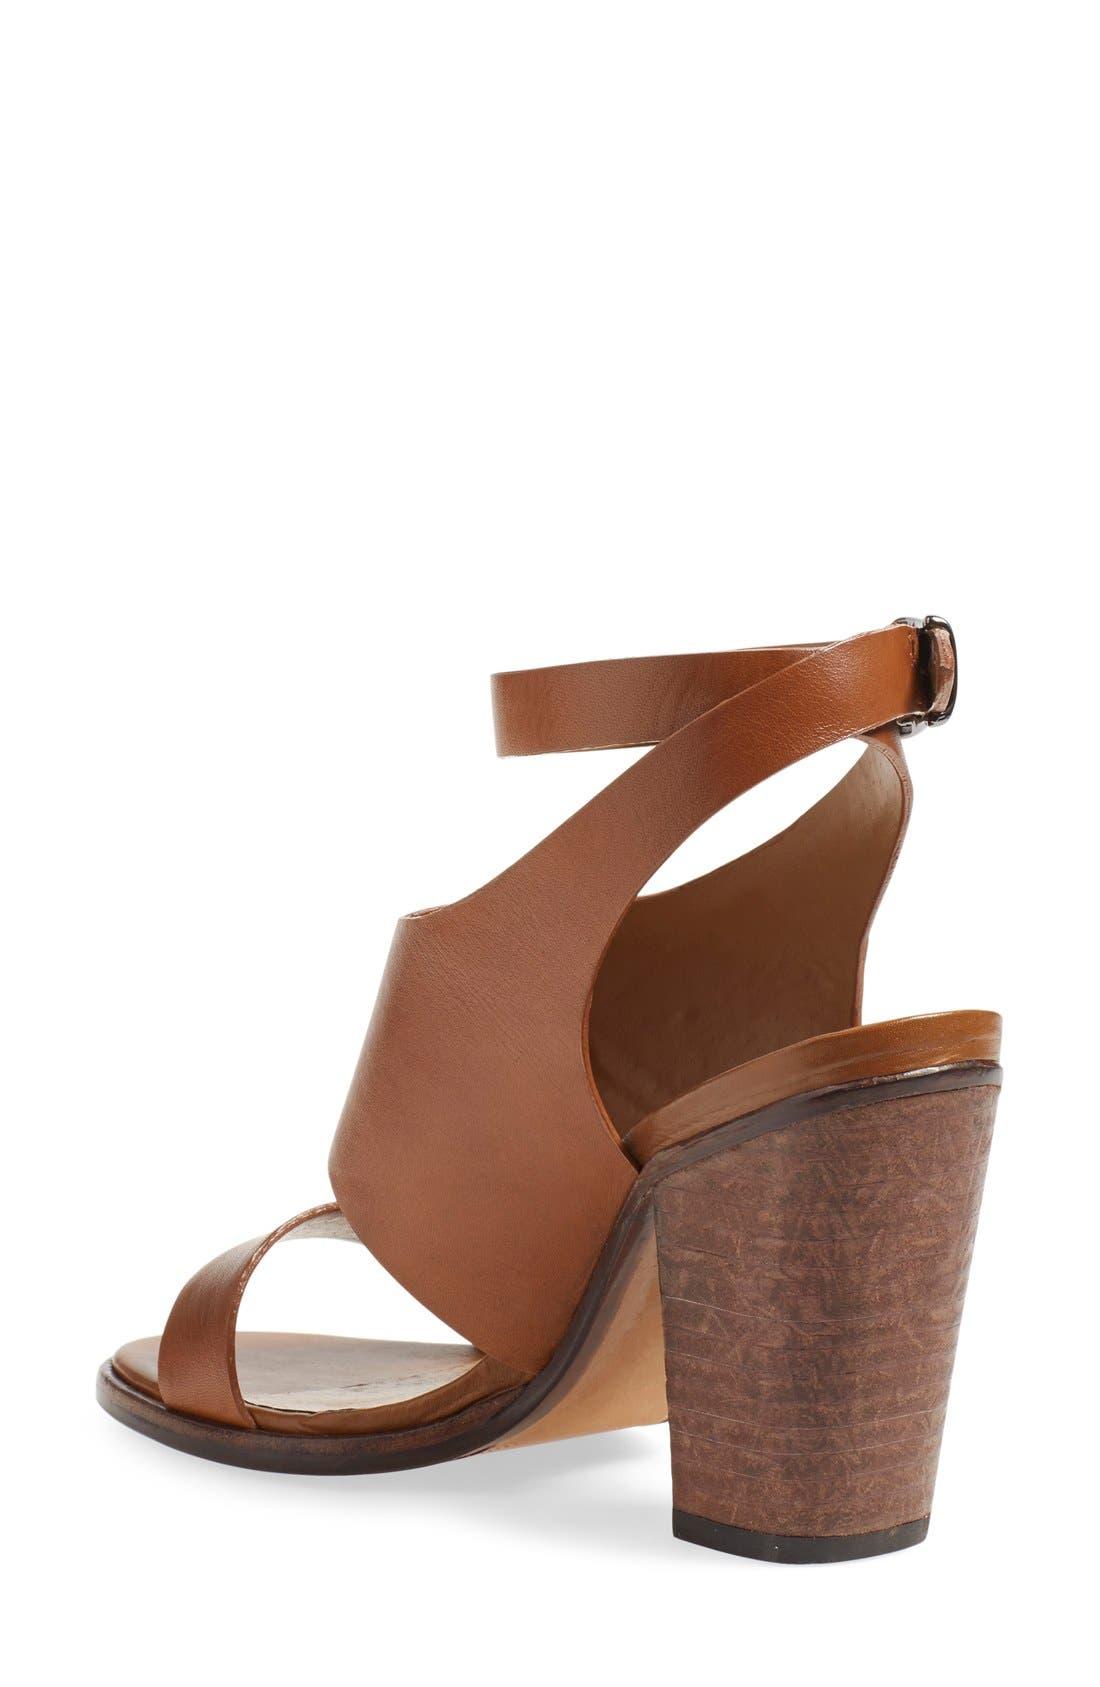 Alternate Image 2  - Treasure&Bond 'Kaden' Ankle Strap Sandal (Women)